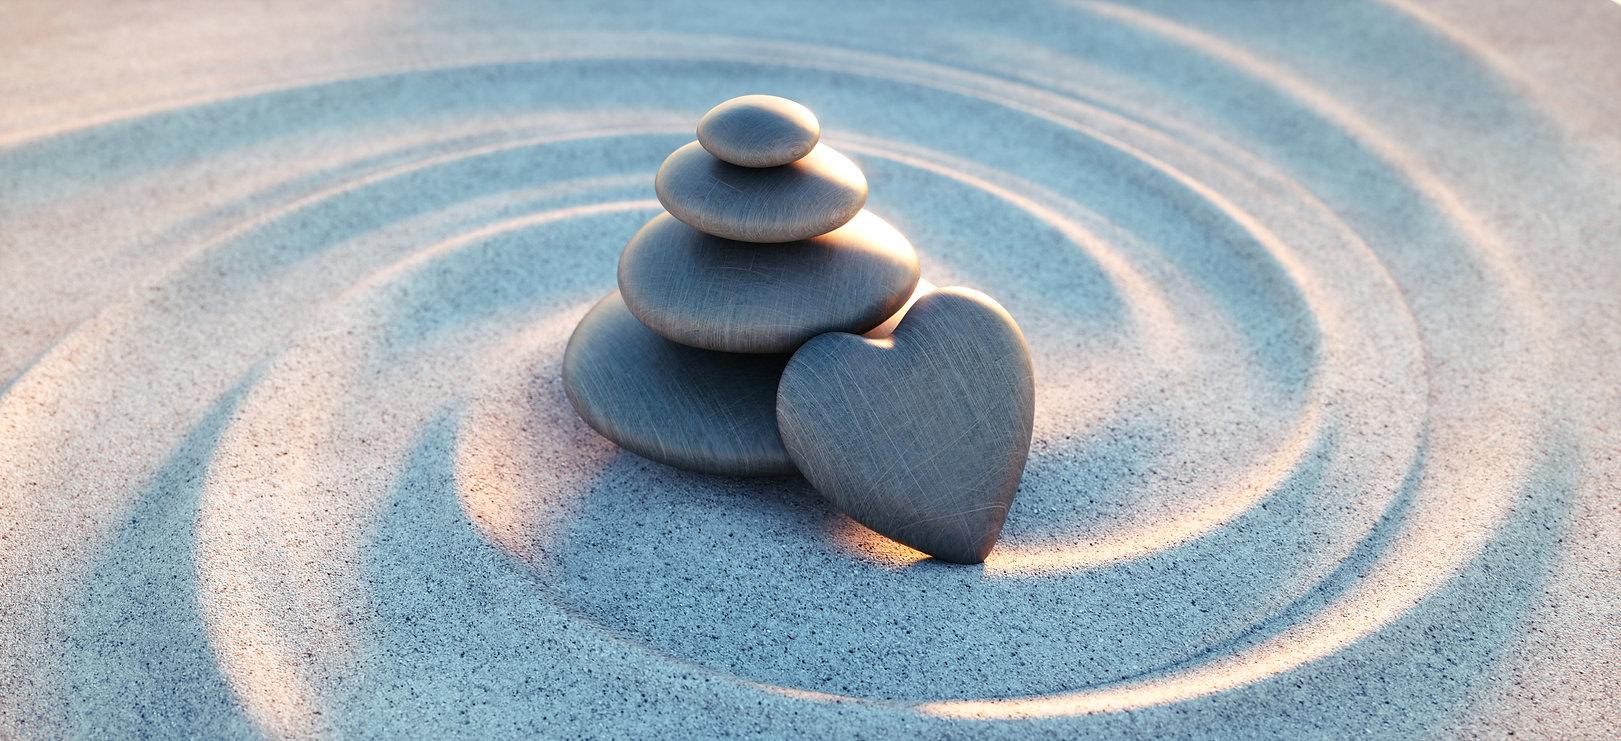 Zen stones with heartshutterstock_142775